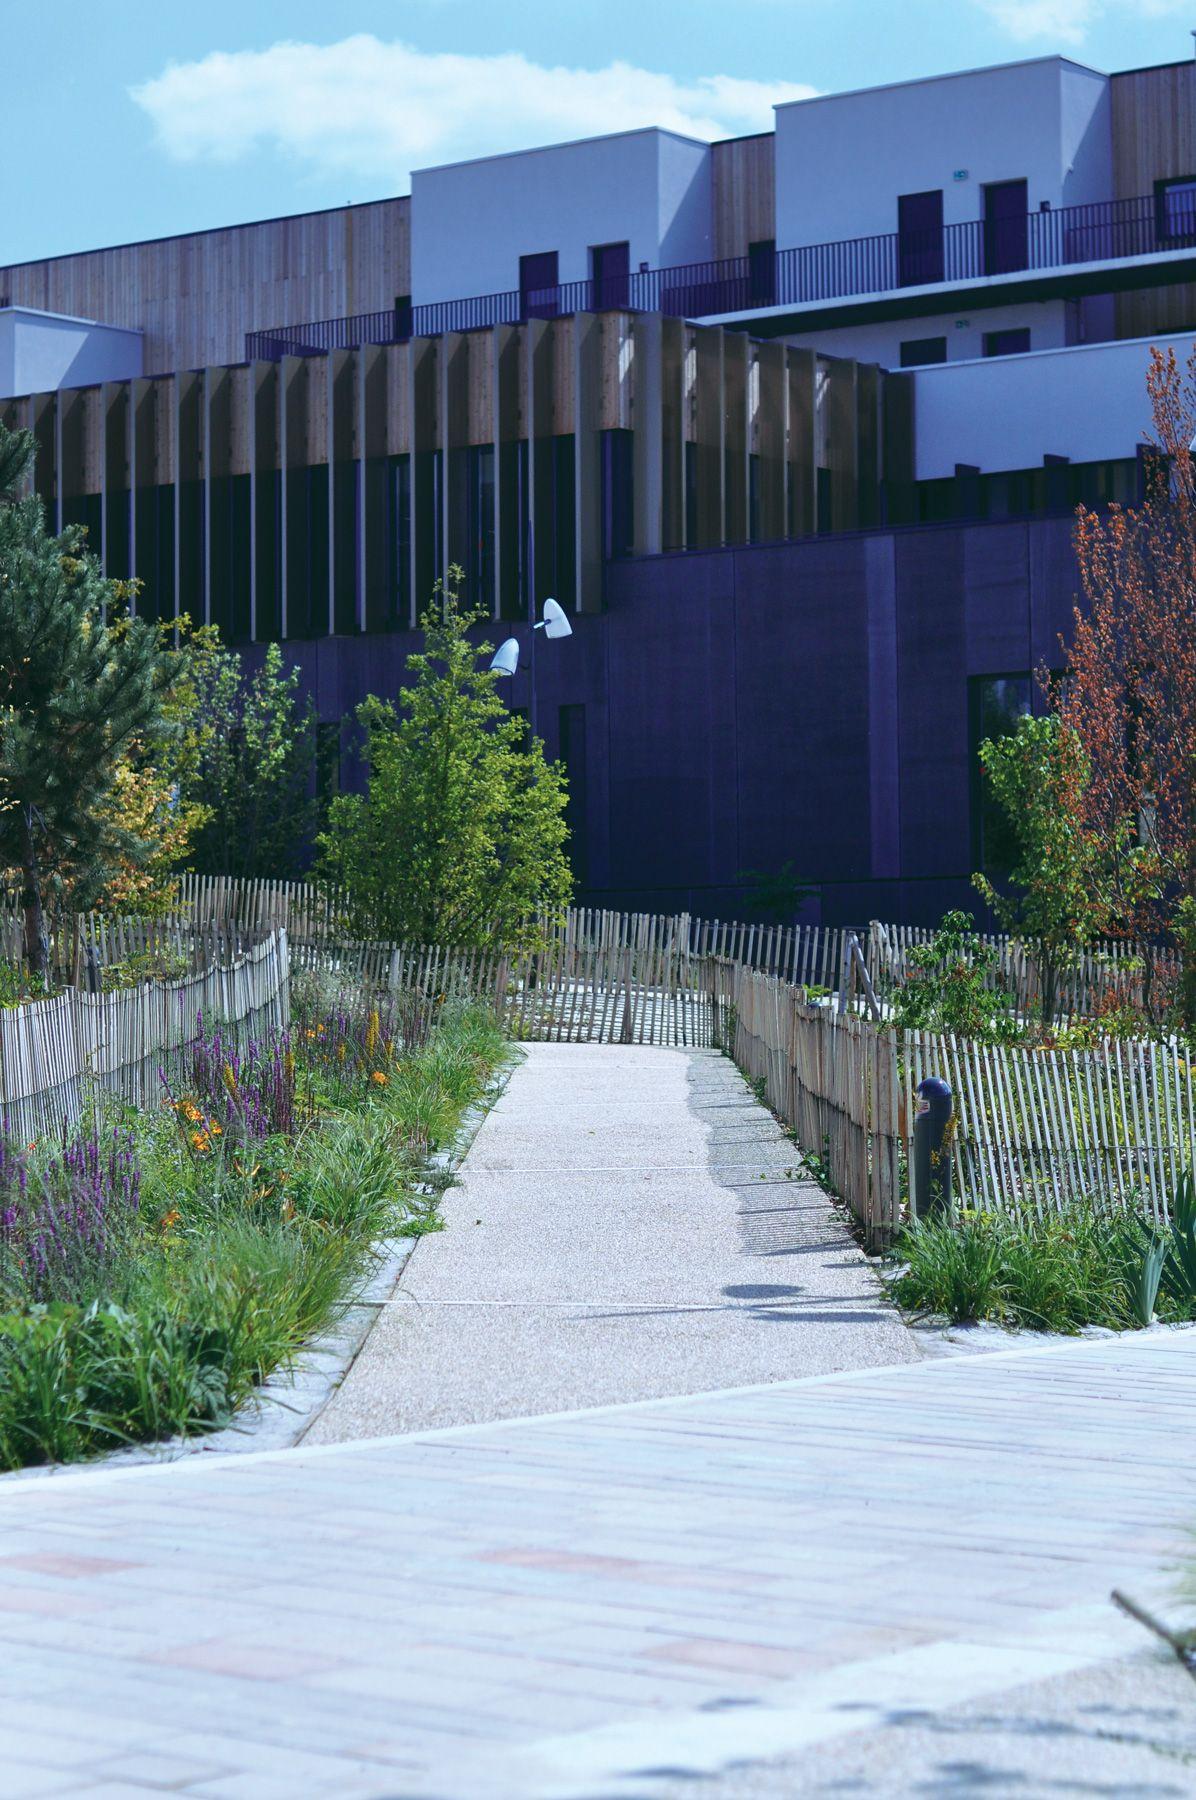 Am nagement espaces publics du quartier maille horizon for Espace vert nord